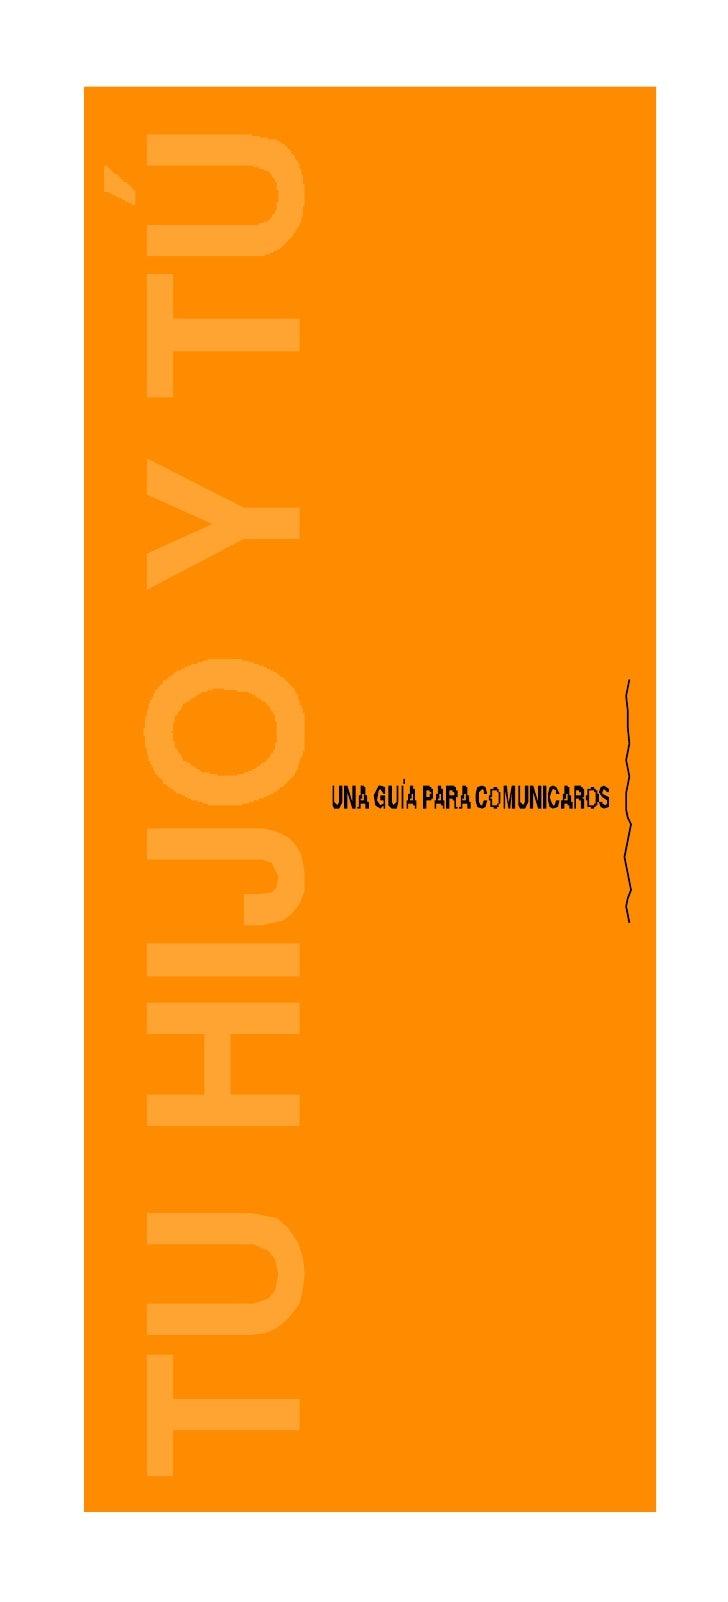 Responsable de edición:   Consejería de Salud y Servicios Sanitarios   Dirección General de Salud Pública   Servicio de Pr...